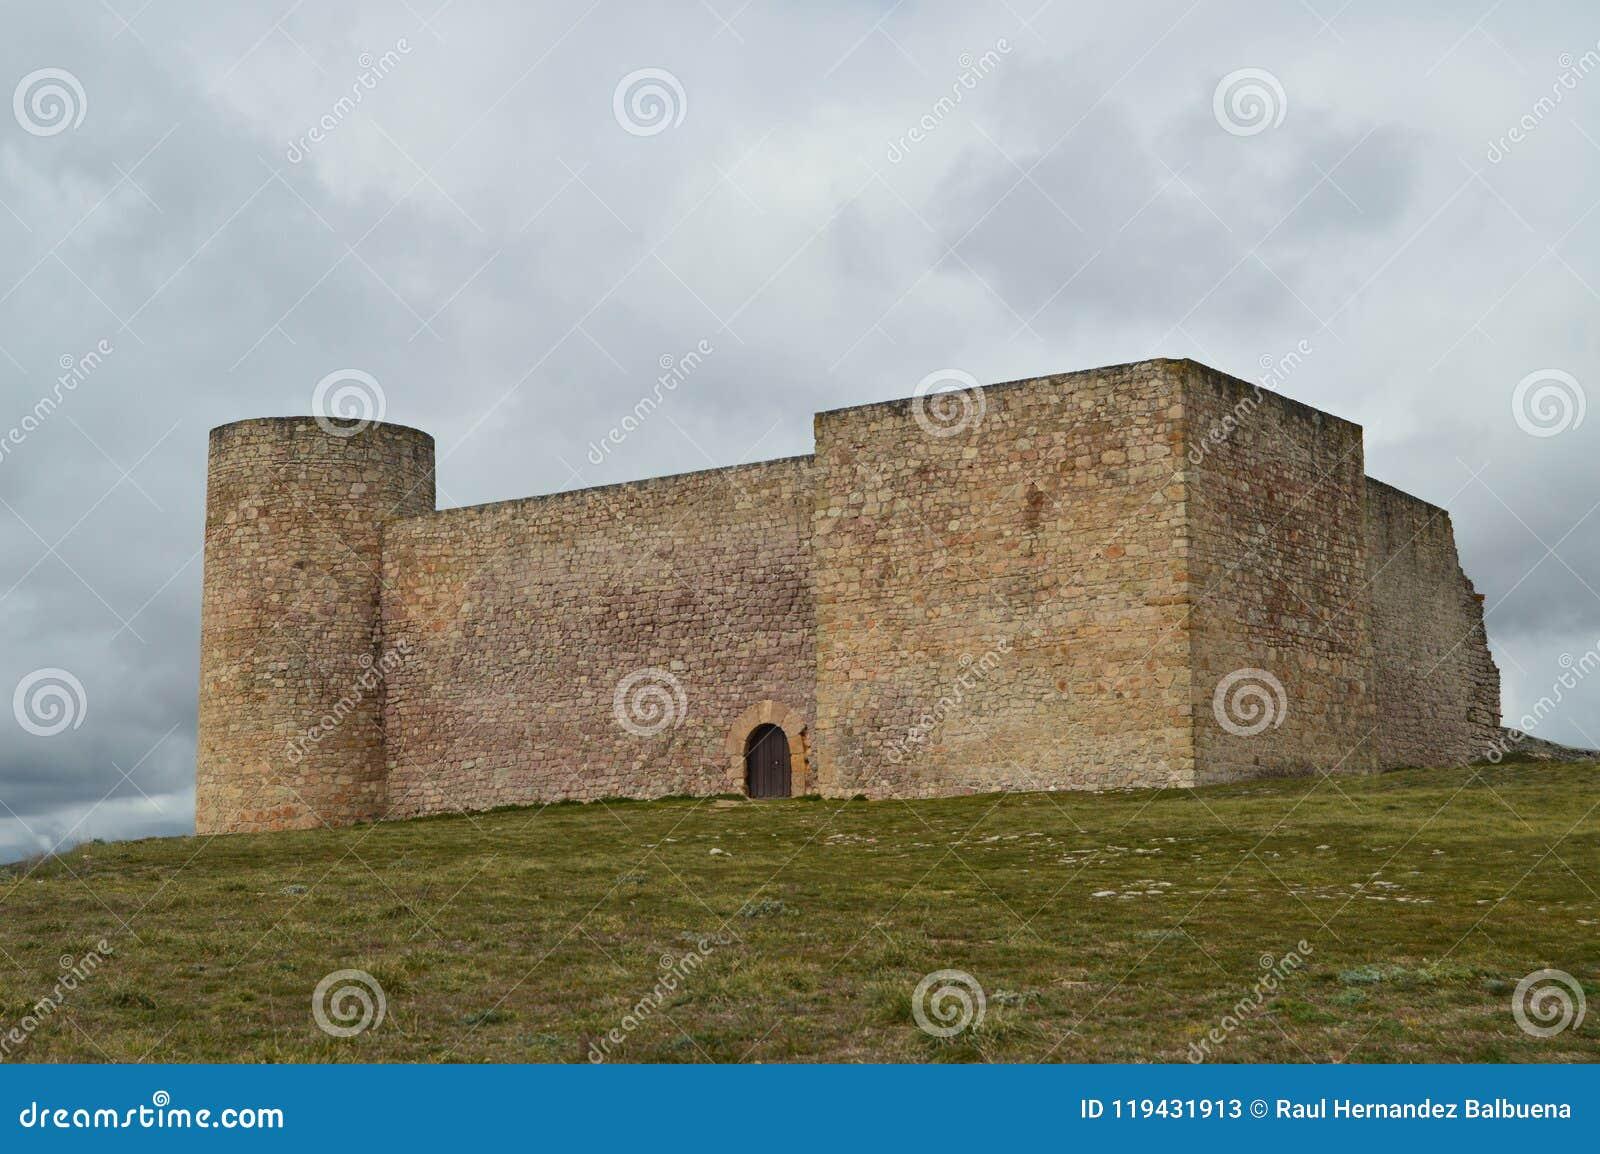 Castillo reconstruido del siglo I preservado perfectamente en el pueblo de Medinaceli Arquitectura, historia, viaje